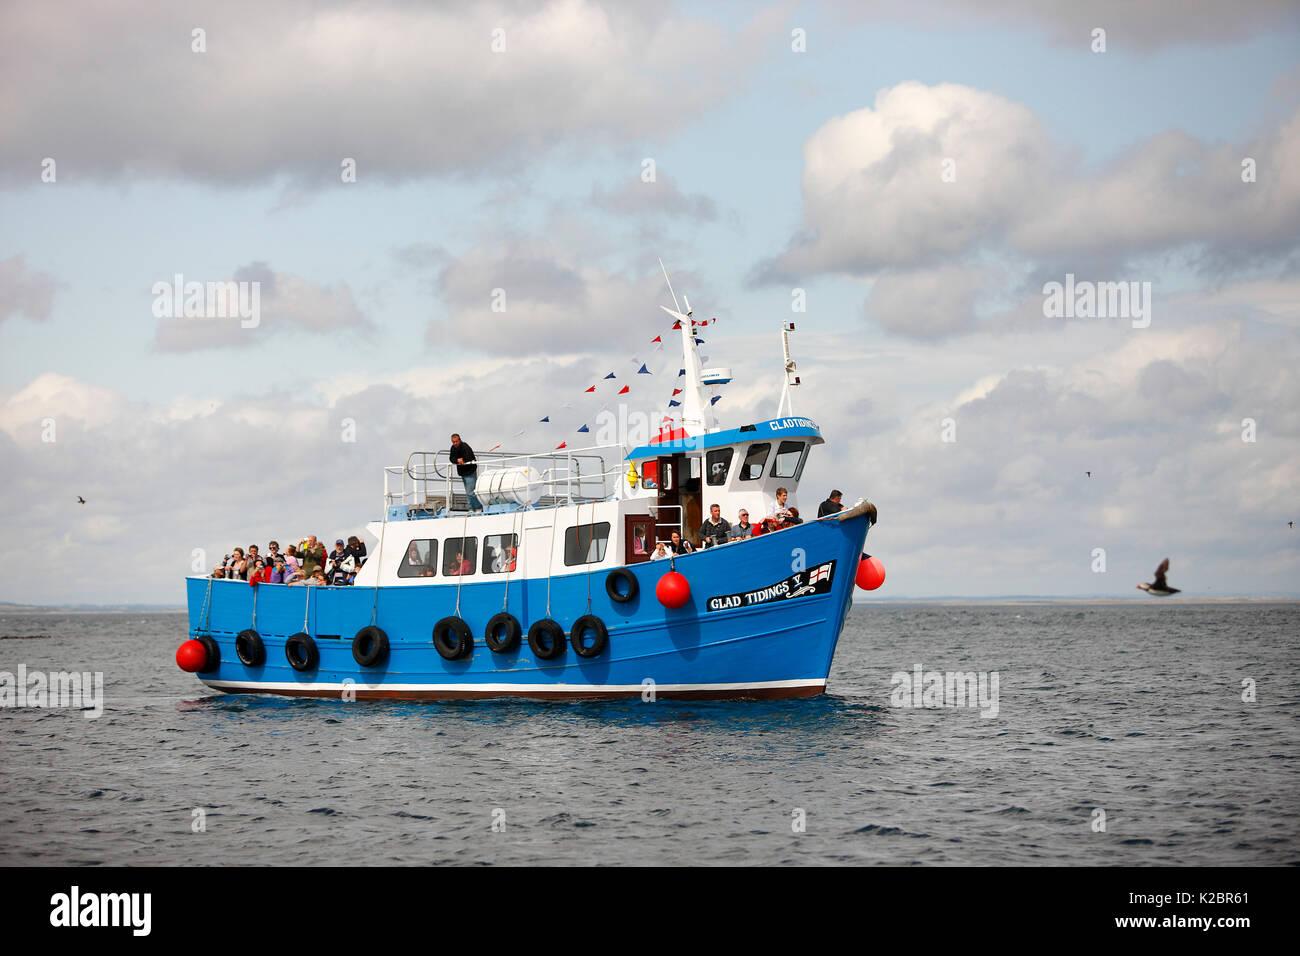 Nave passeggeri che viaggiano tra le isole di farne e Seahouses, Northumberland, Inghilterra, Regno Unito. Luglio 2009. Tutti i non-usi editoriali deve essere eliminato singolarmente. Immagini Stock